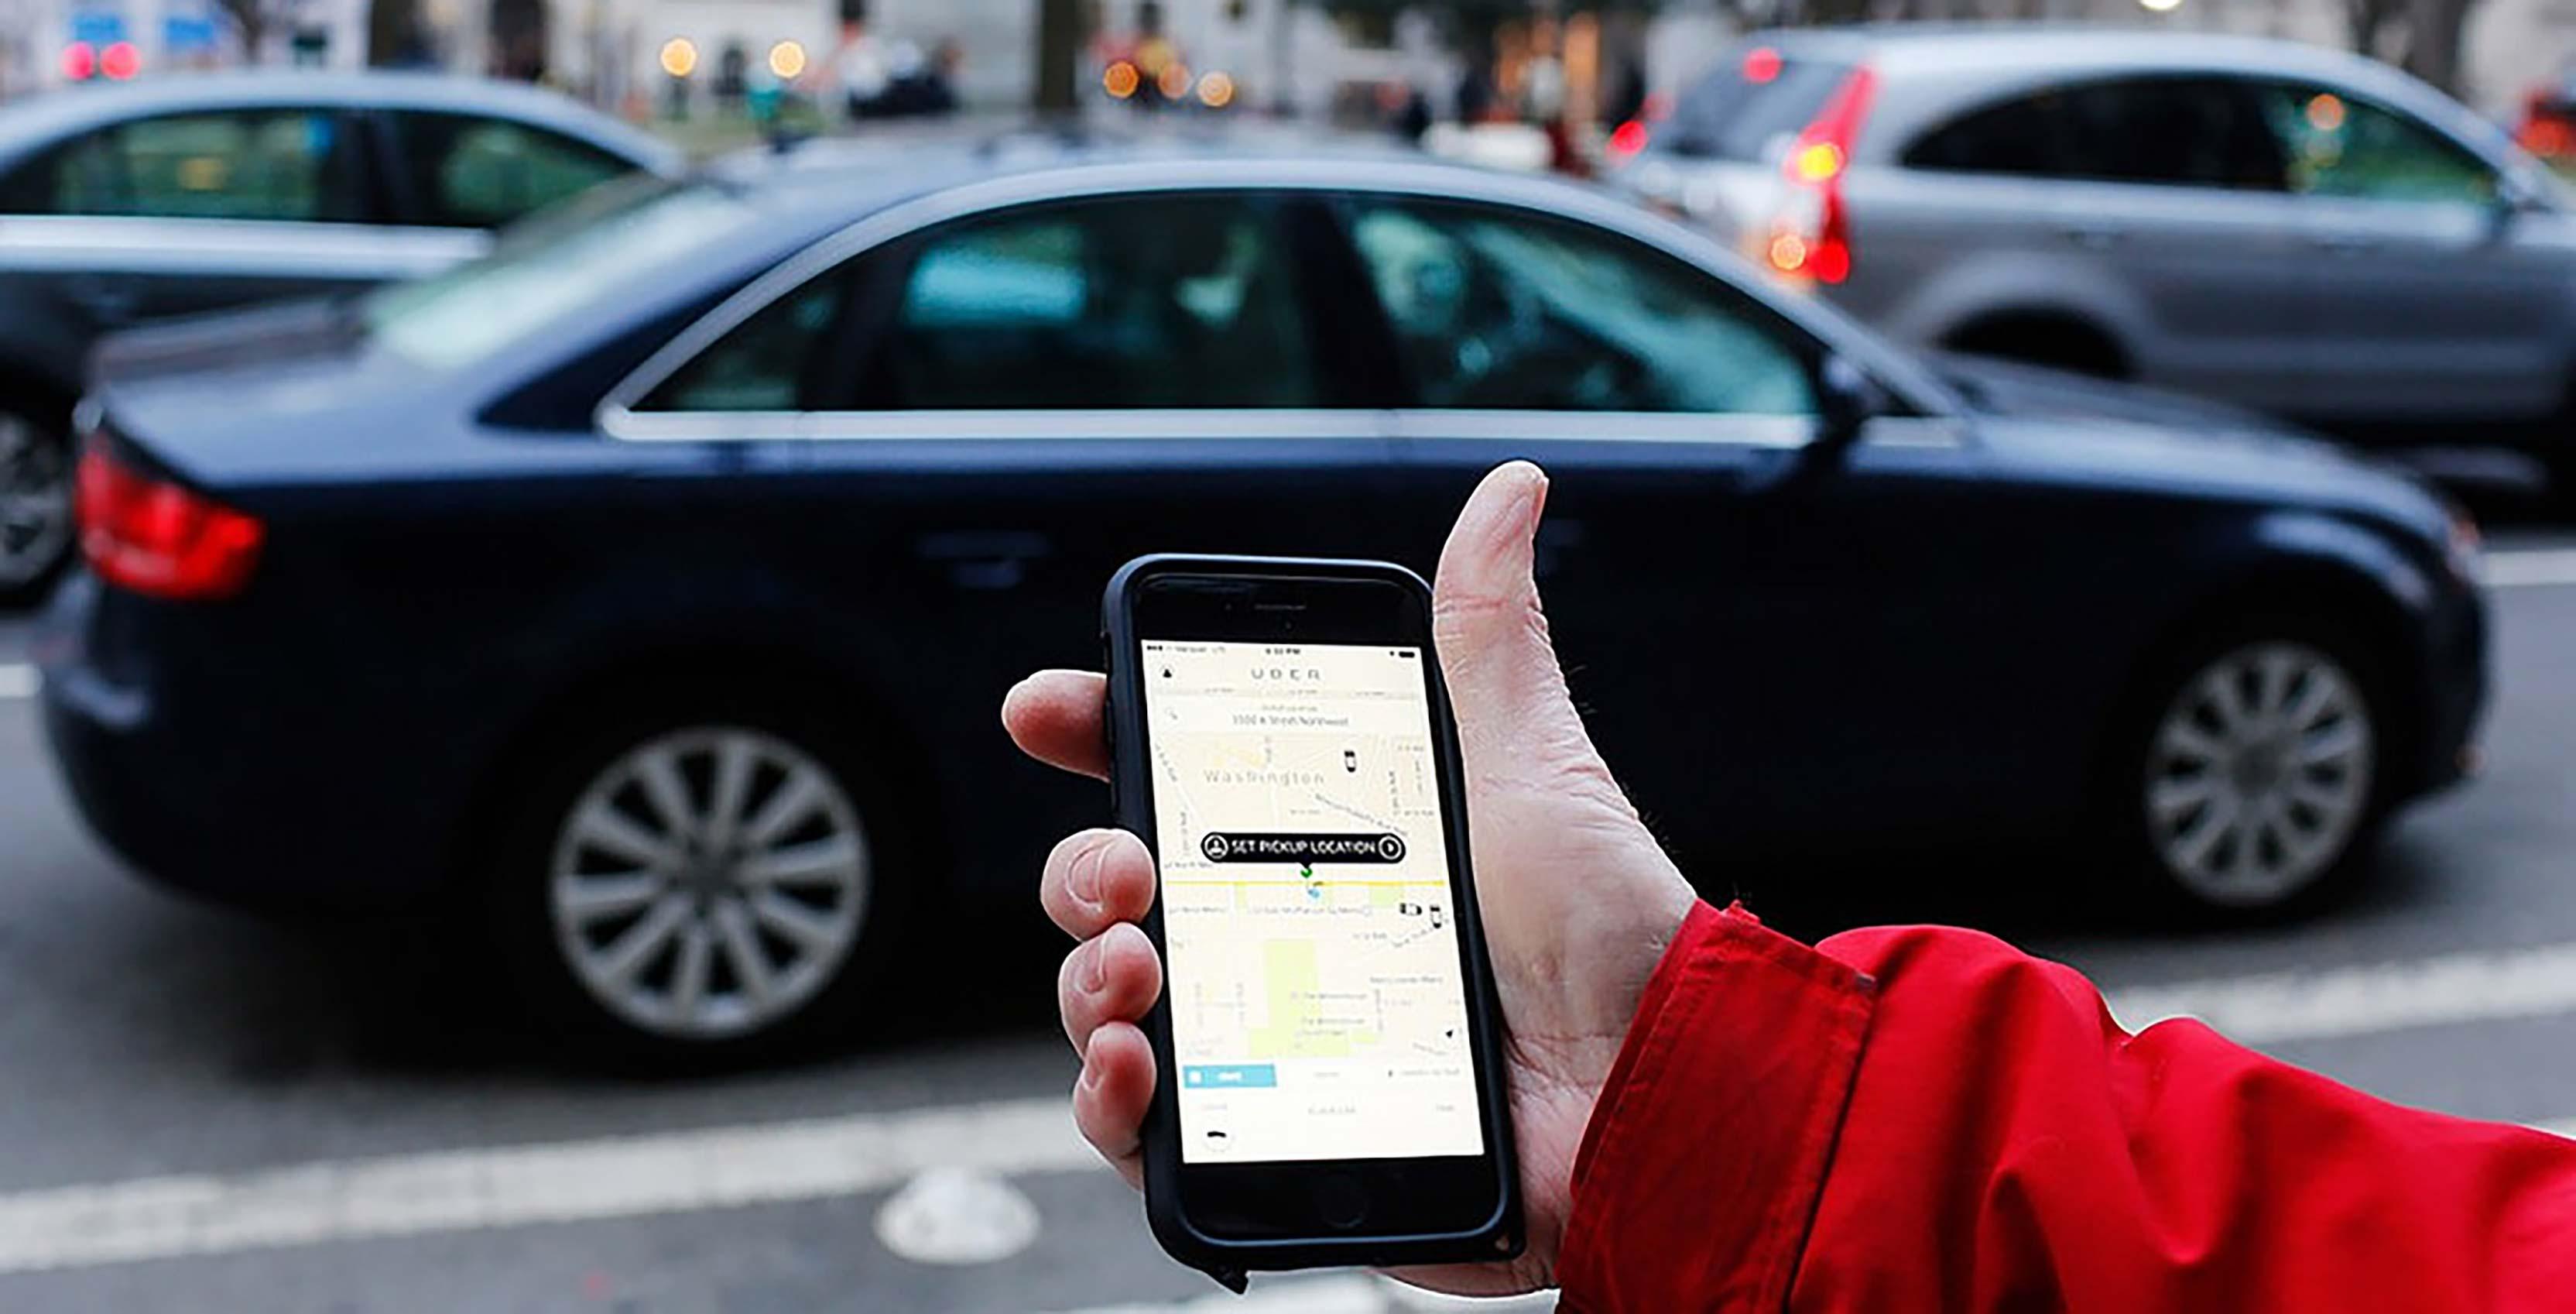 ride-sharing transit partnership